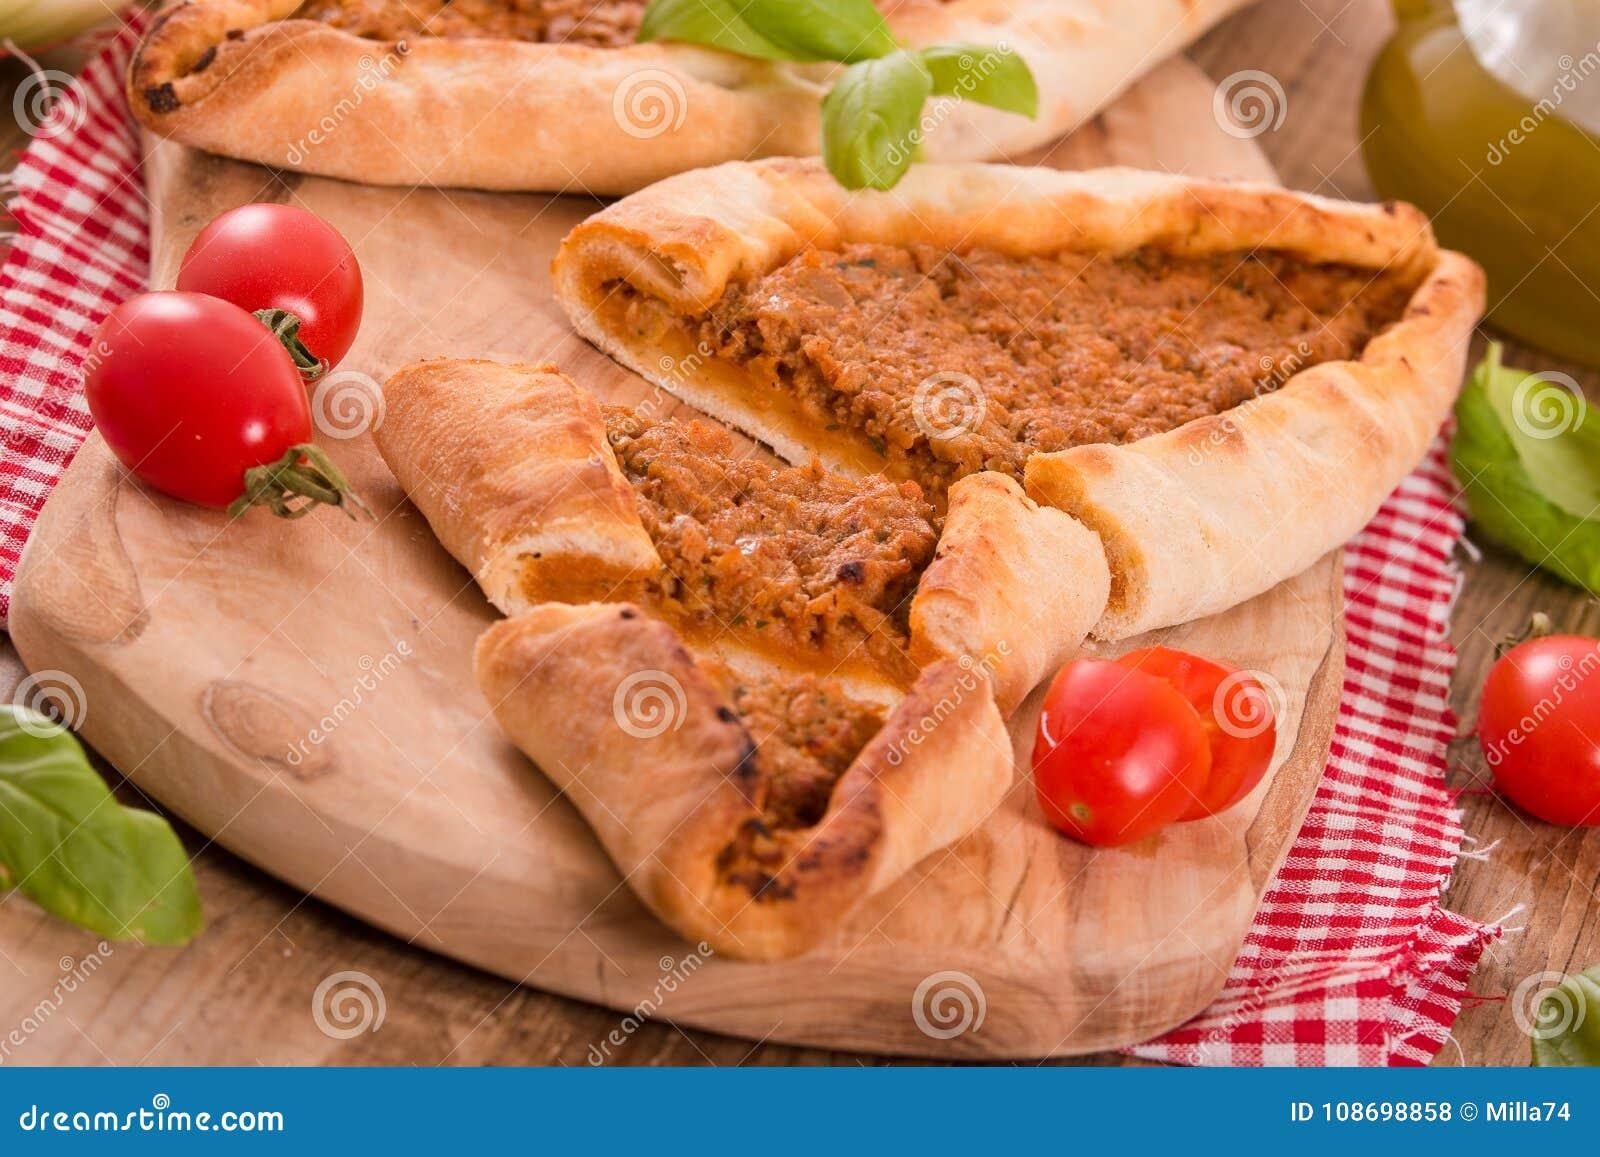 Türkische Pide Pizza Mit Fleisch Und Zwiebel Stockfoto Bild Von